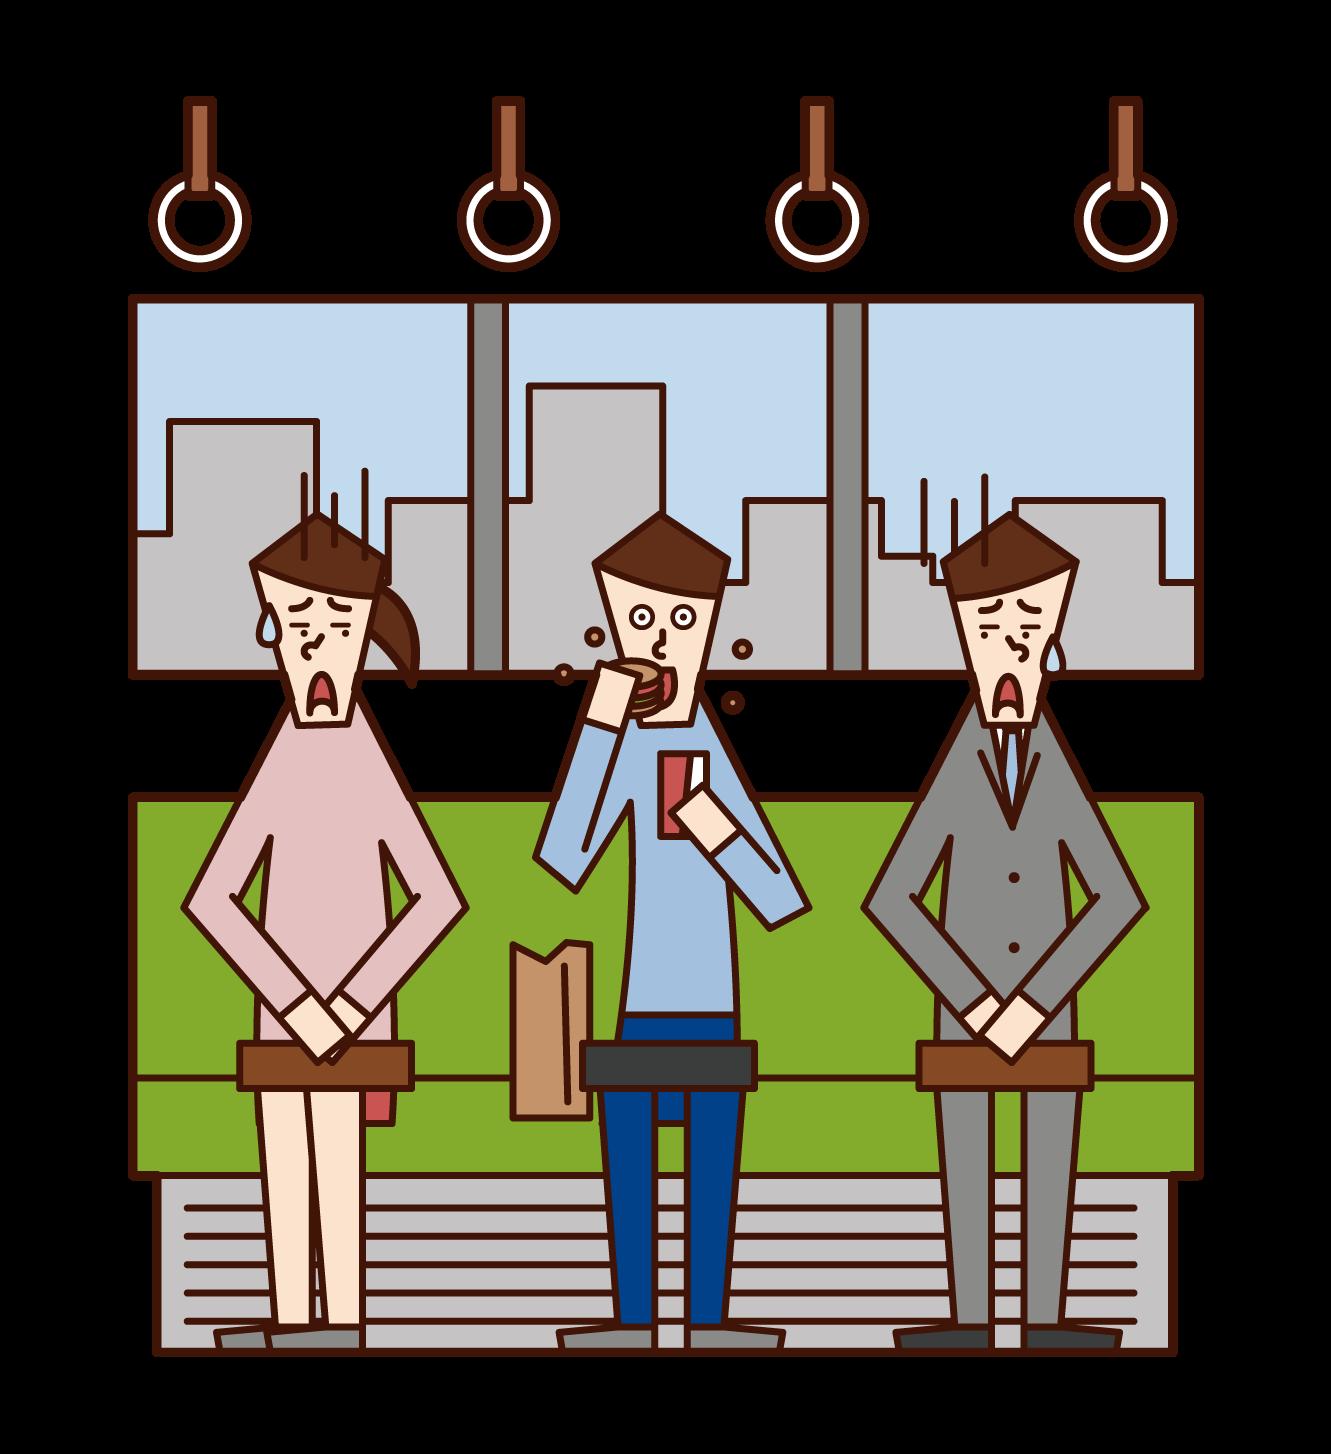 在火車上吃喝的人(男性)的插圖